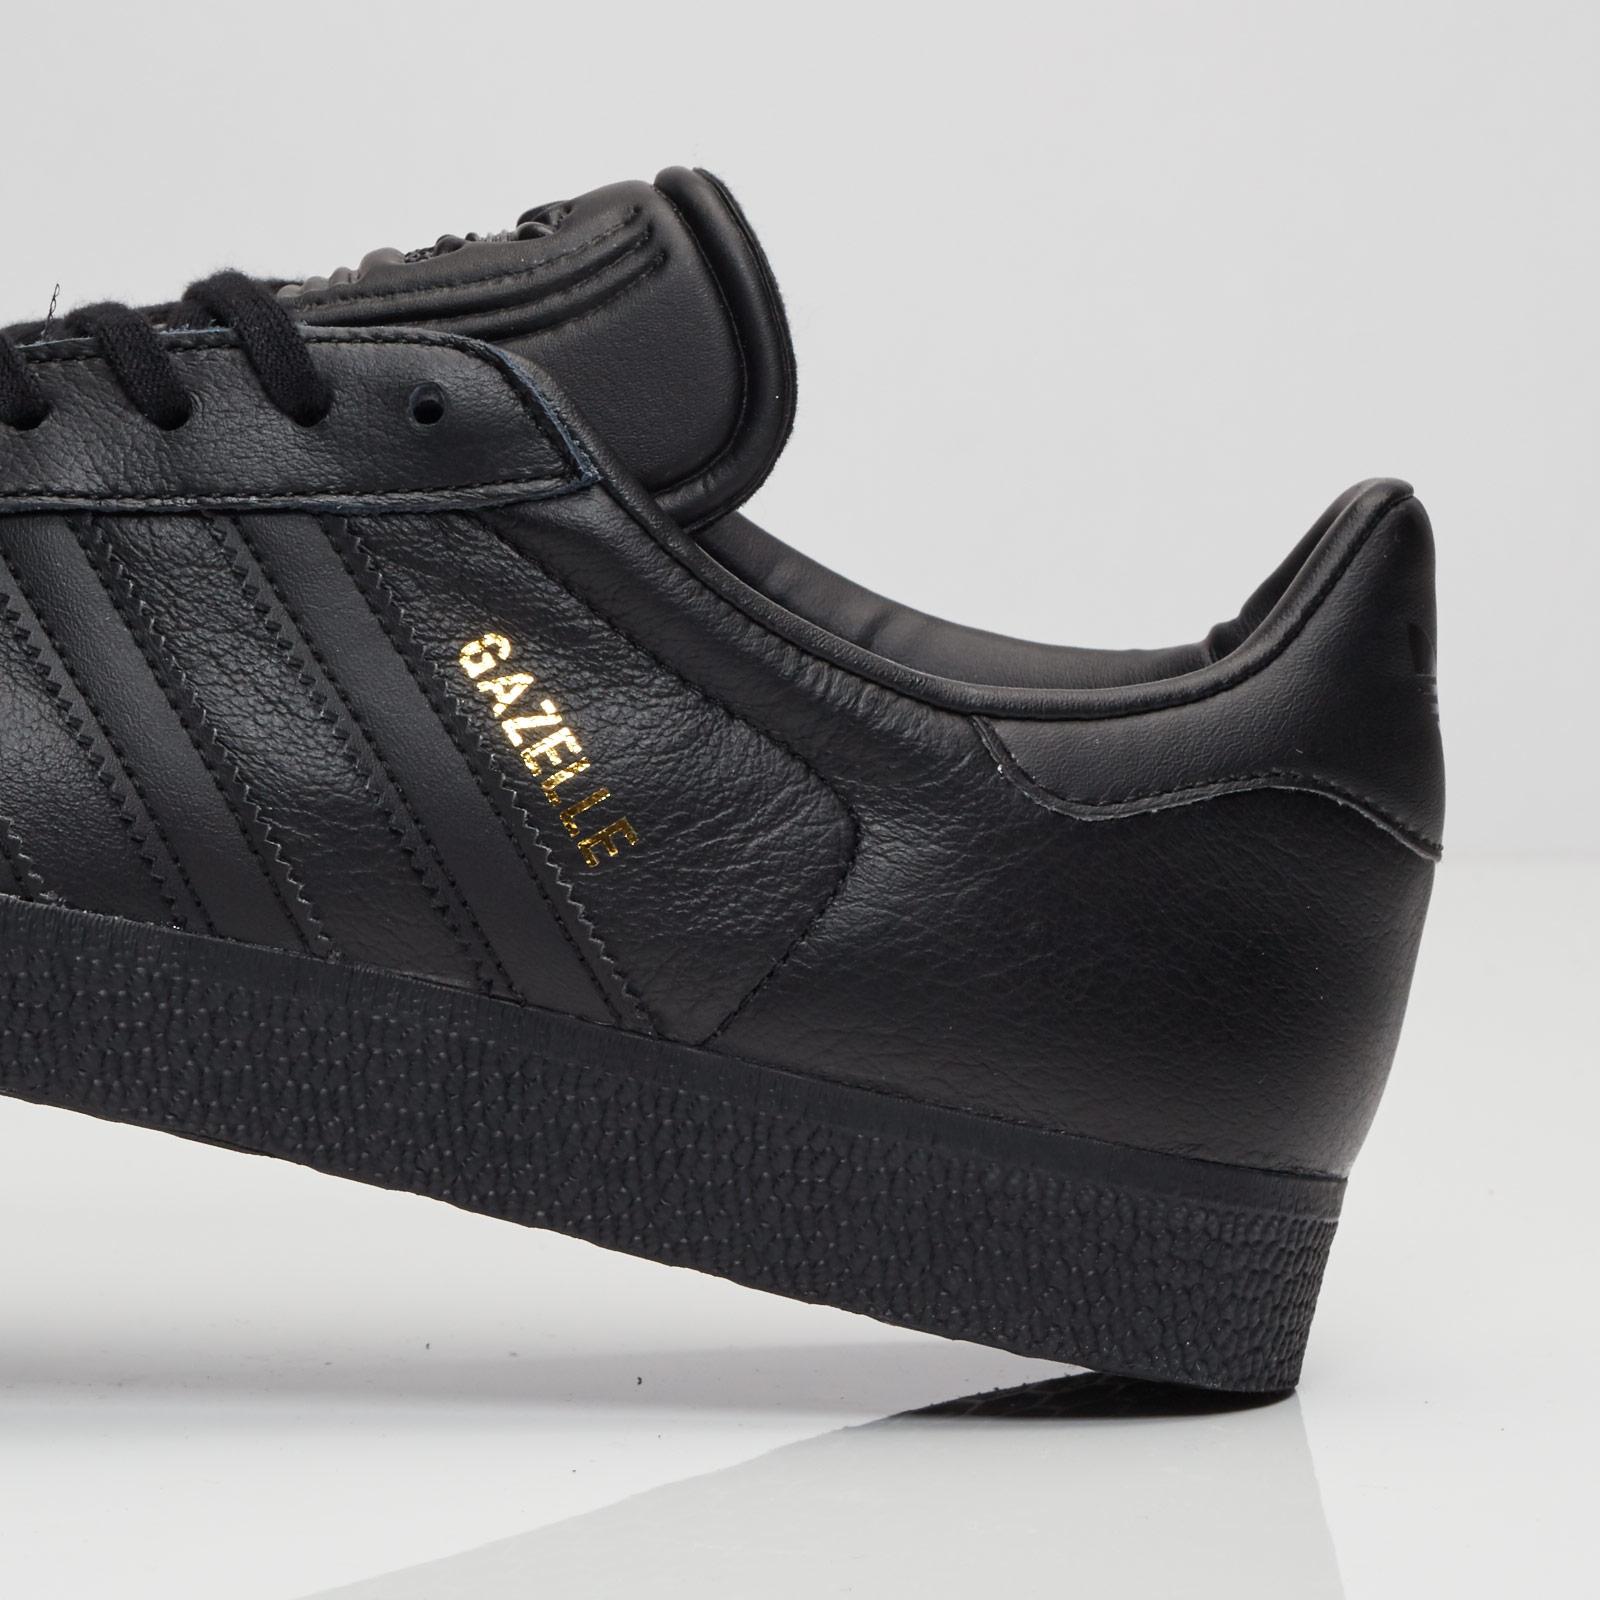 new style 5473d 234d4 adidas adidas Gazelle - Bb5497 - Sneakersnstuff   sneakers   streetwear  online since 1999